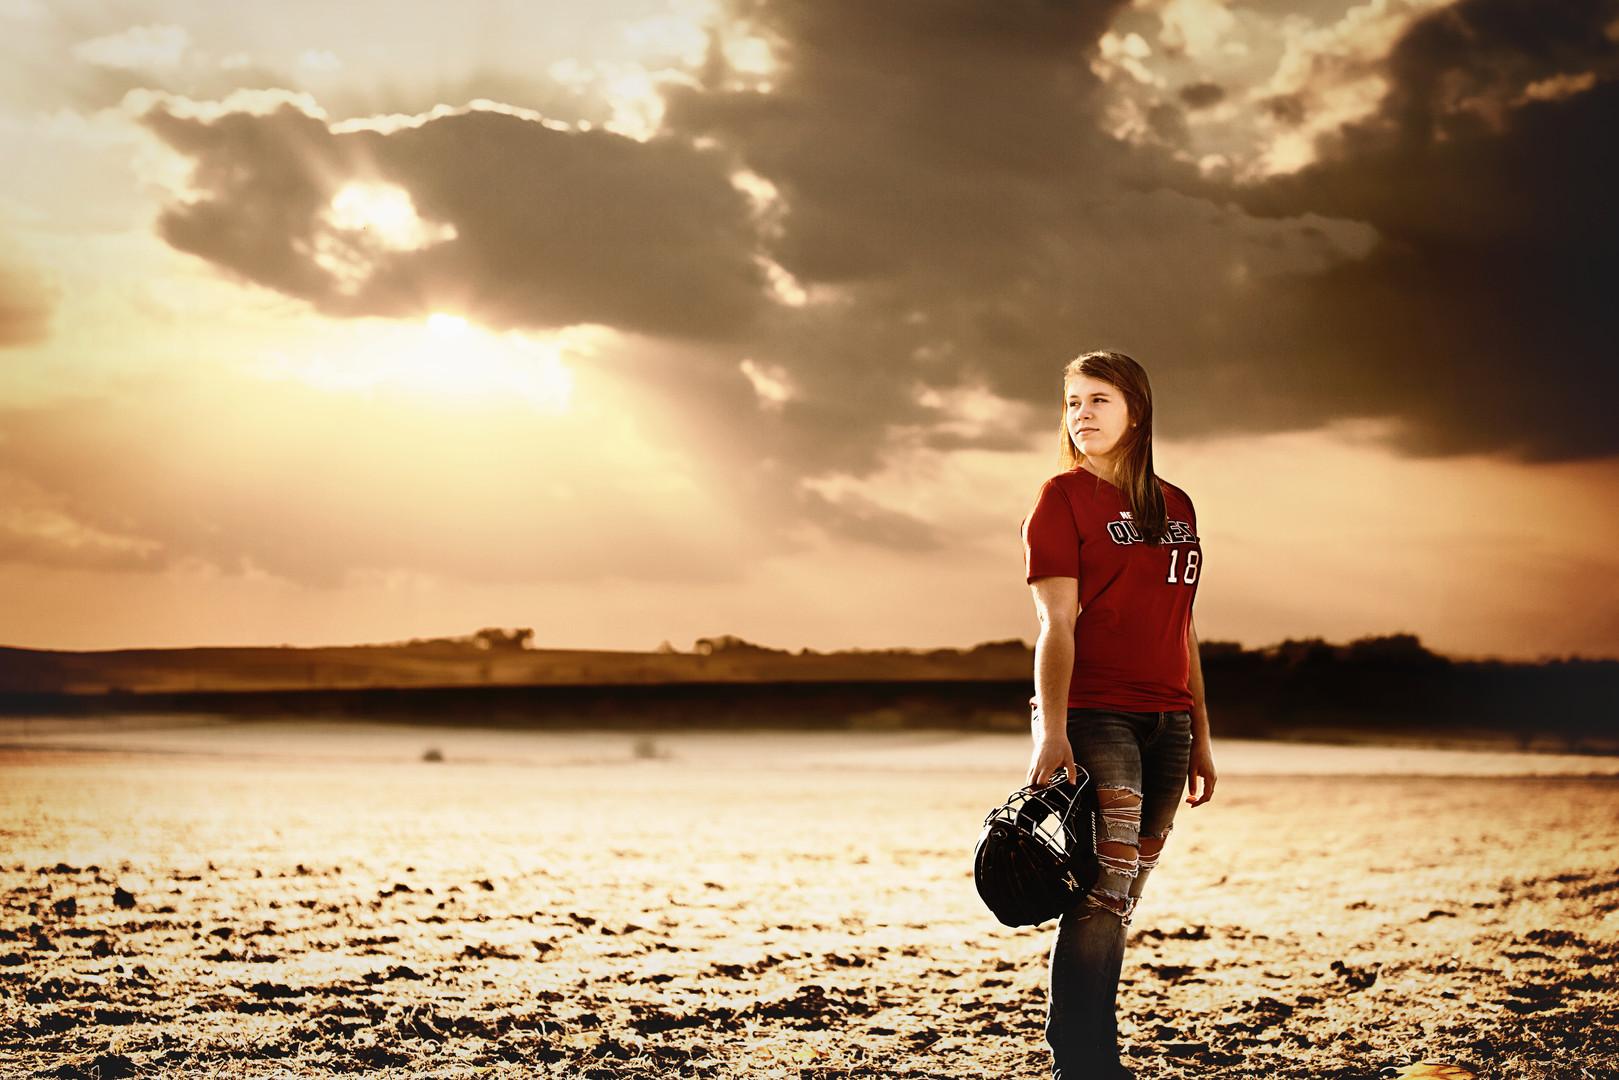 senior girl softball player in field.jpg